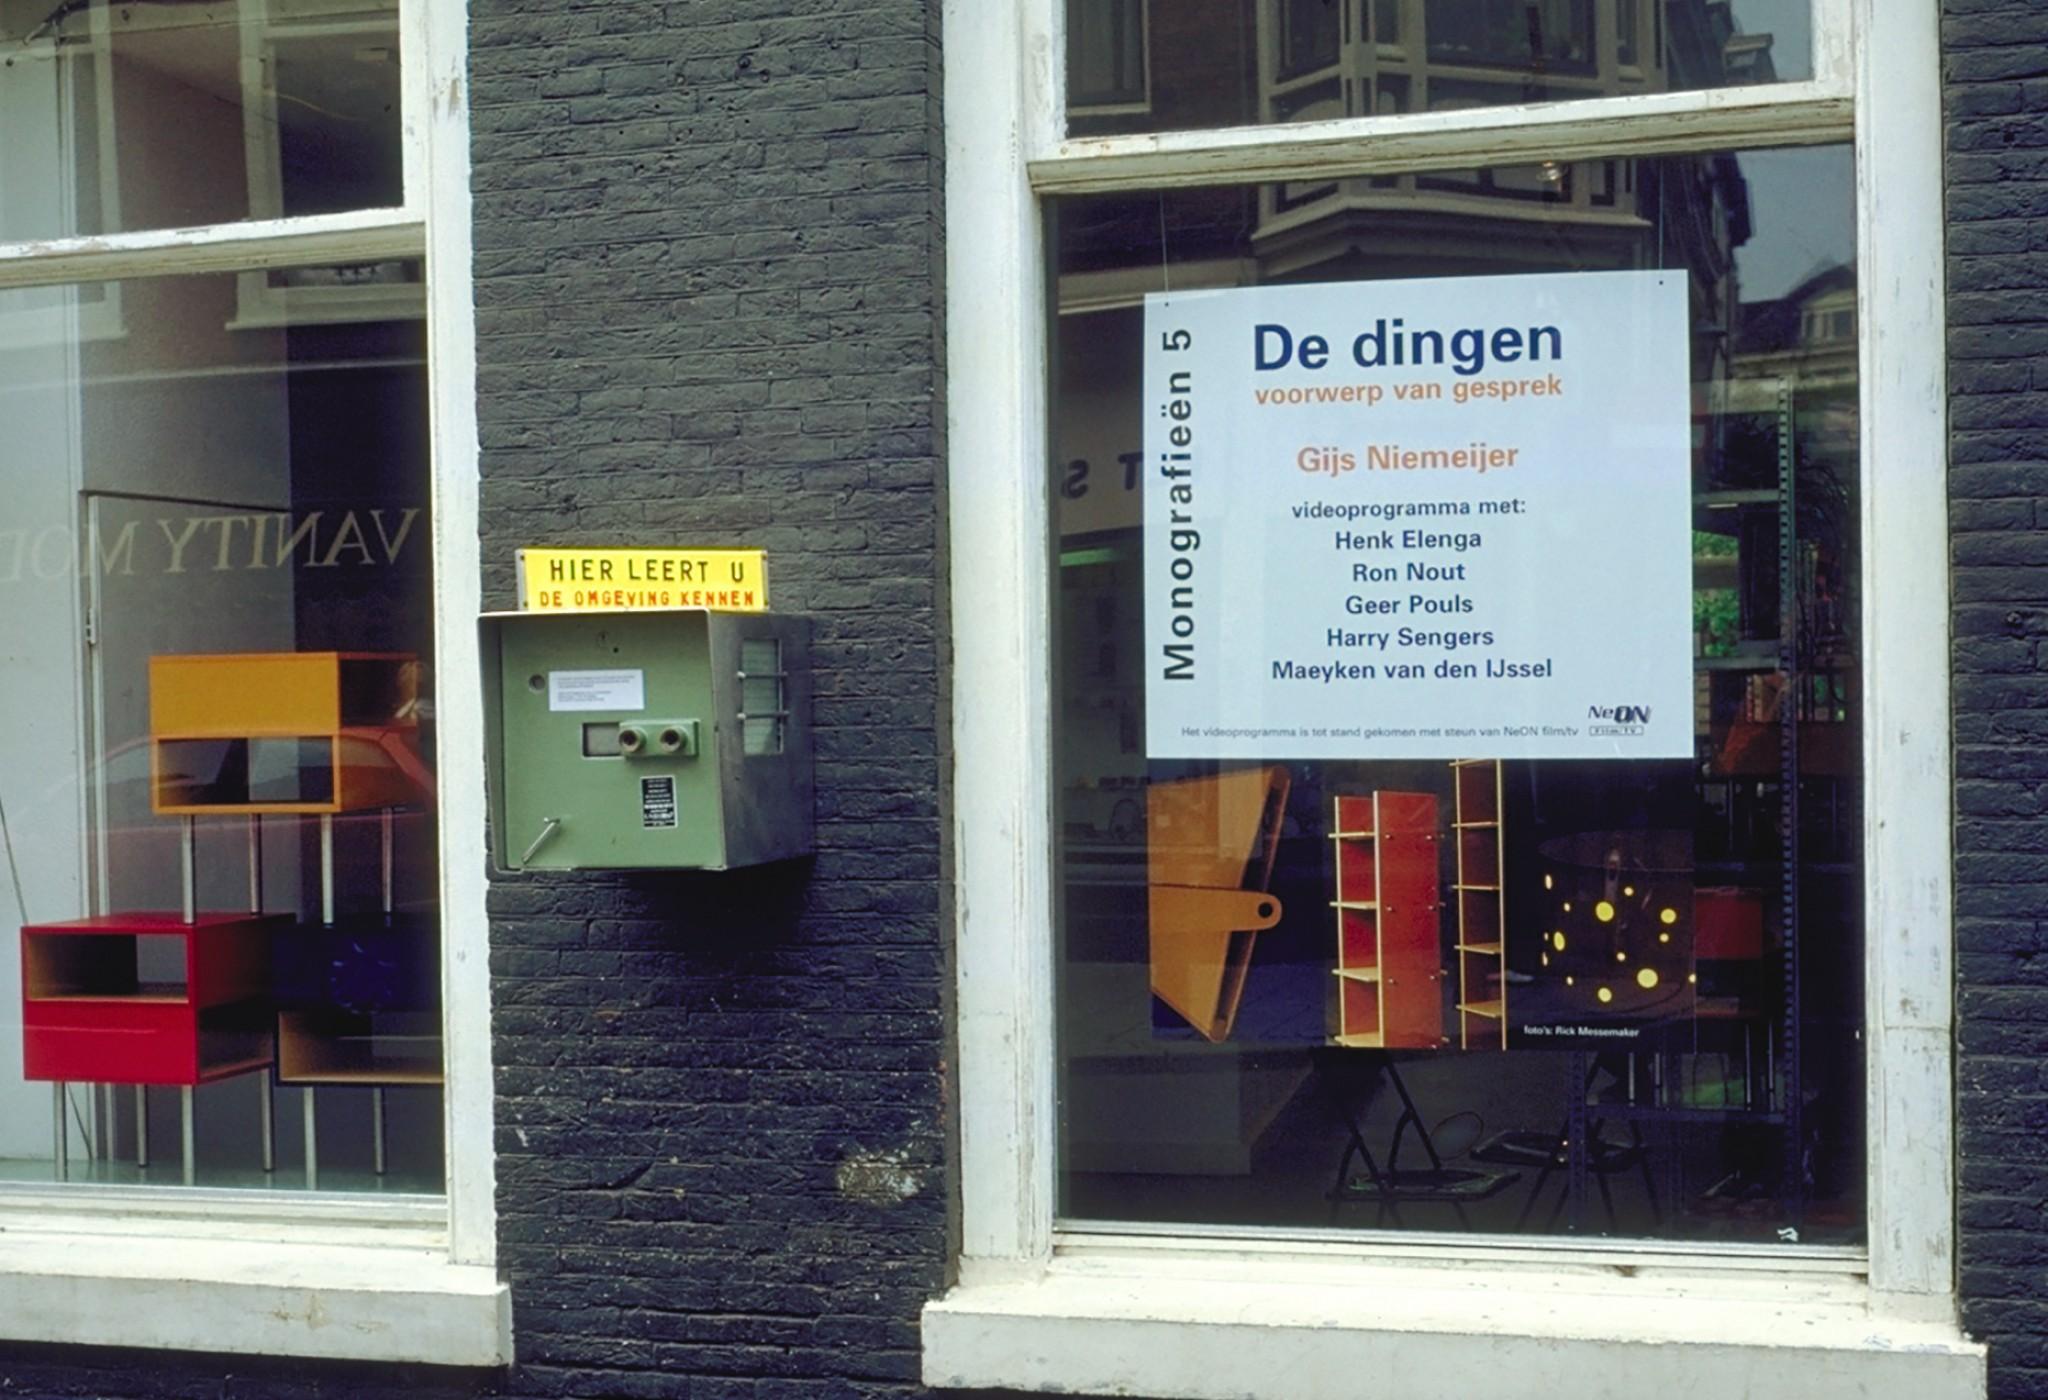 De Ontwerpwerkplaats, Gijs Niemeijer, Floor van Ditzhuyzen, De Dingen, Voorwerp van Gesprek, de dingen voorwerp van gesprek, de dingen, tenroonstelling Haagse kunstkring, tentoonstelling HKK, tentoonstelling ontwerp, de dingen voorwerp van gesprek, de dingen, Gijs niemeijer, Haagse kunstkring, HKK, tentoonstelling